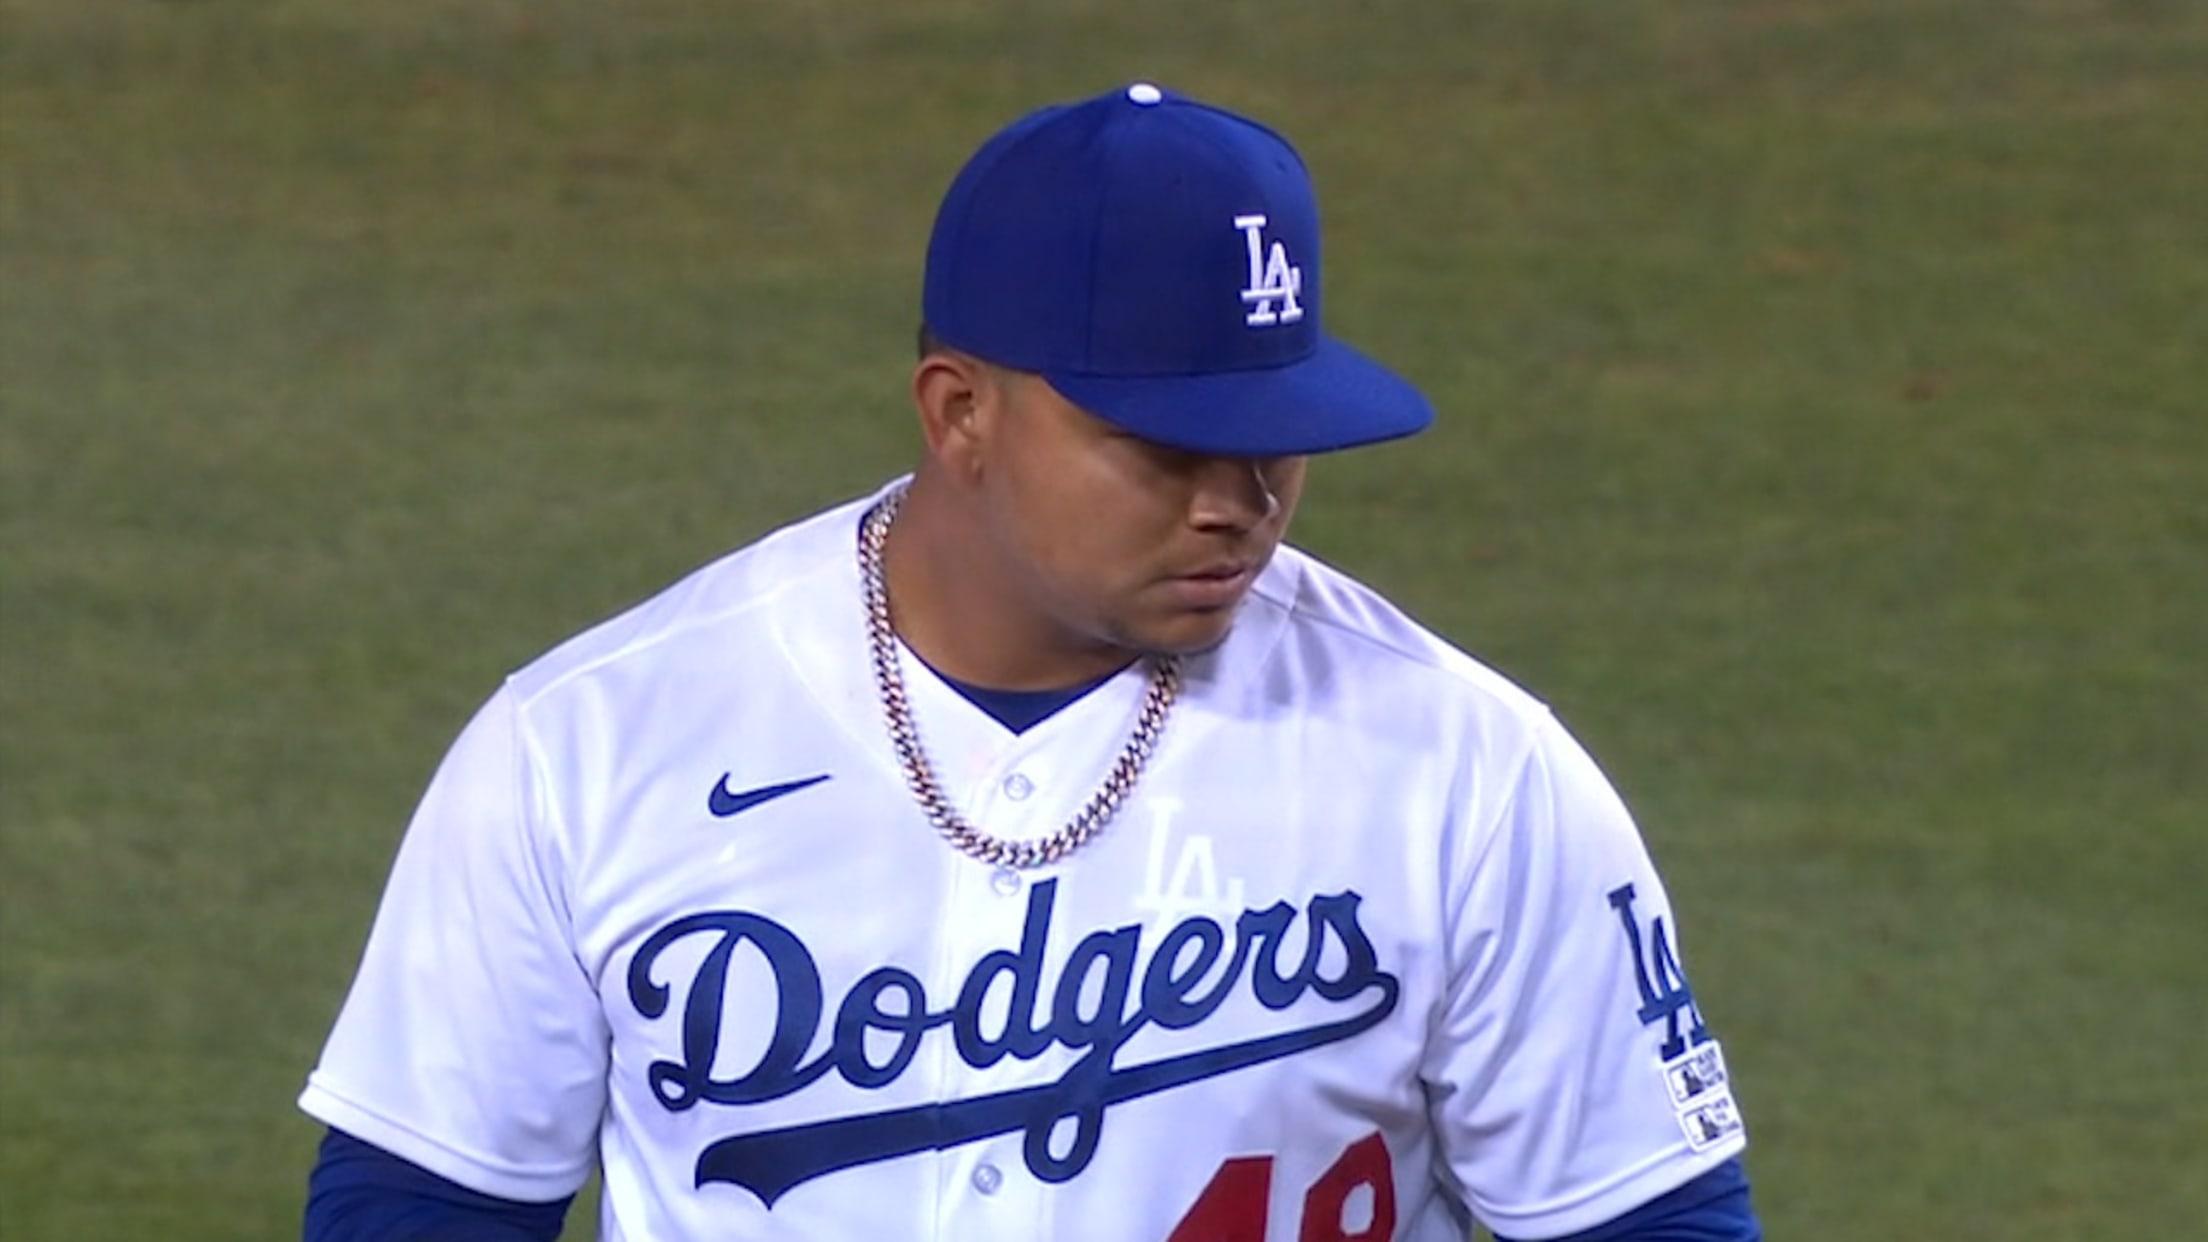 Brusdar Graterol's Dodgers debut